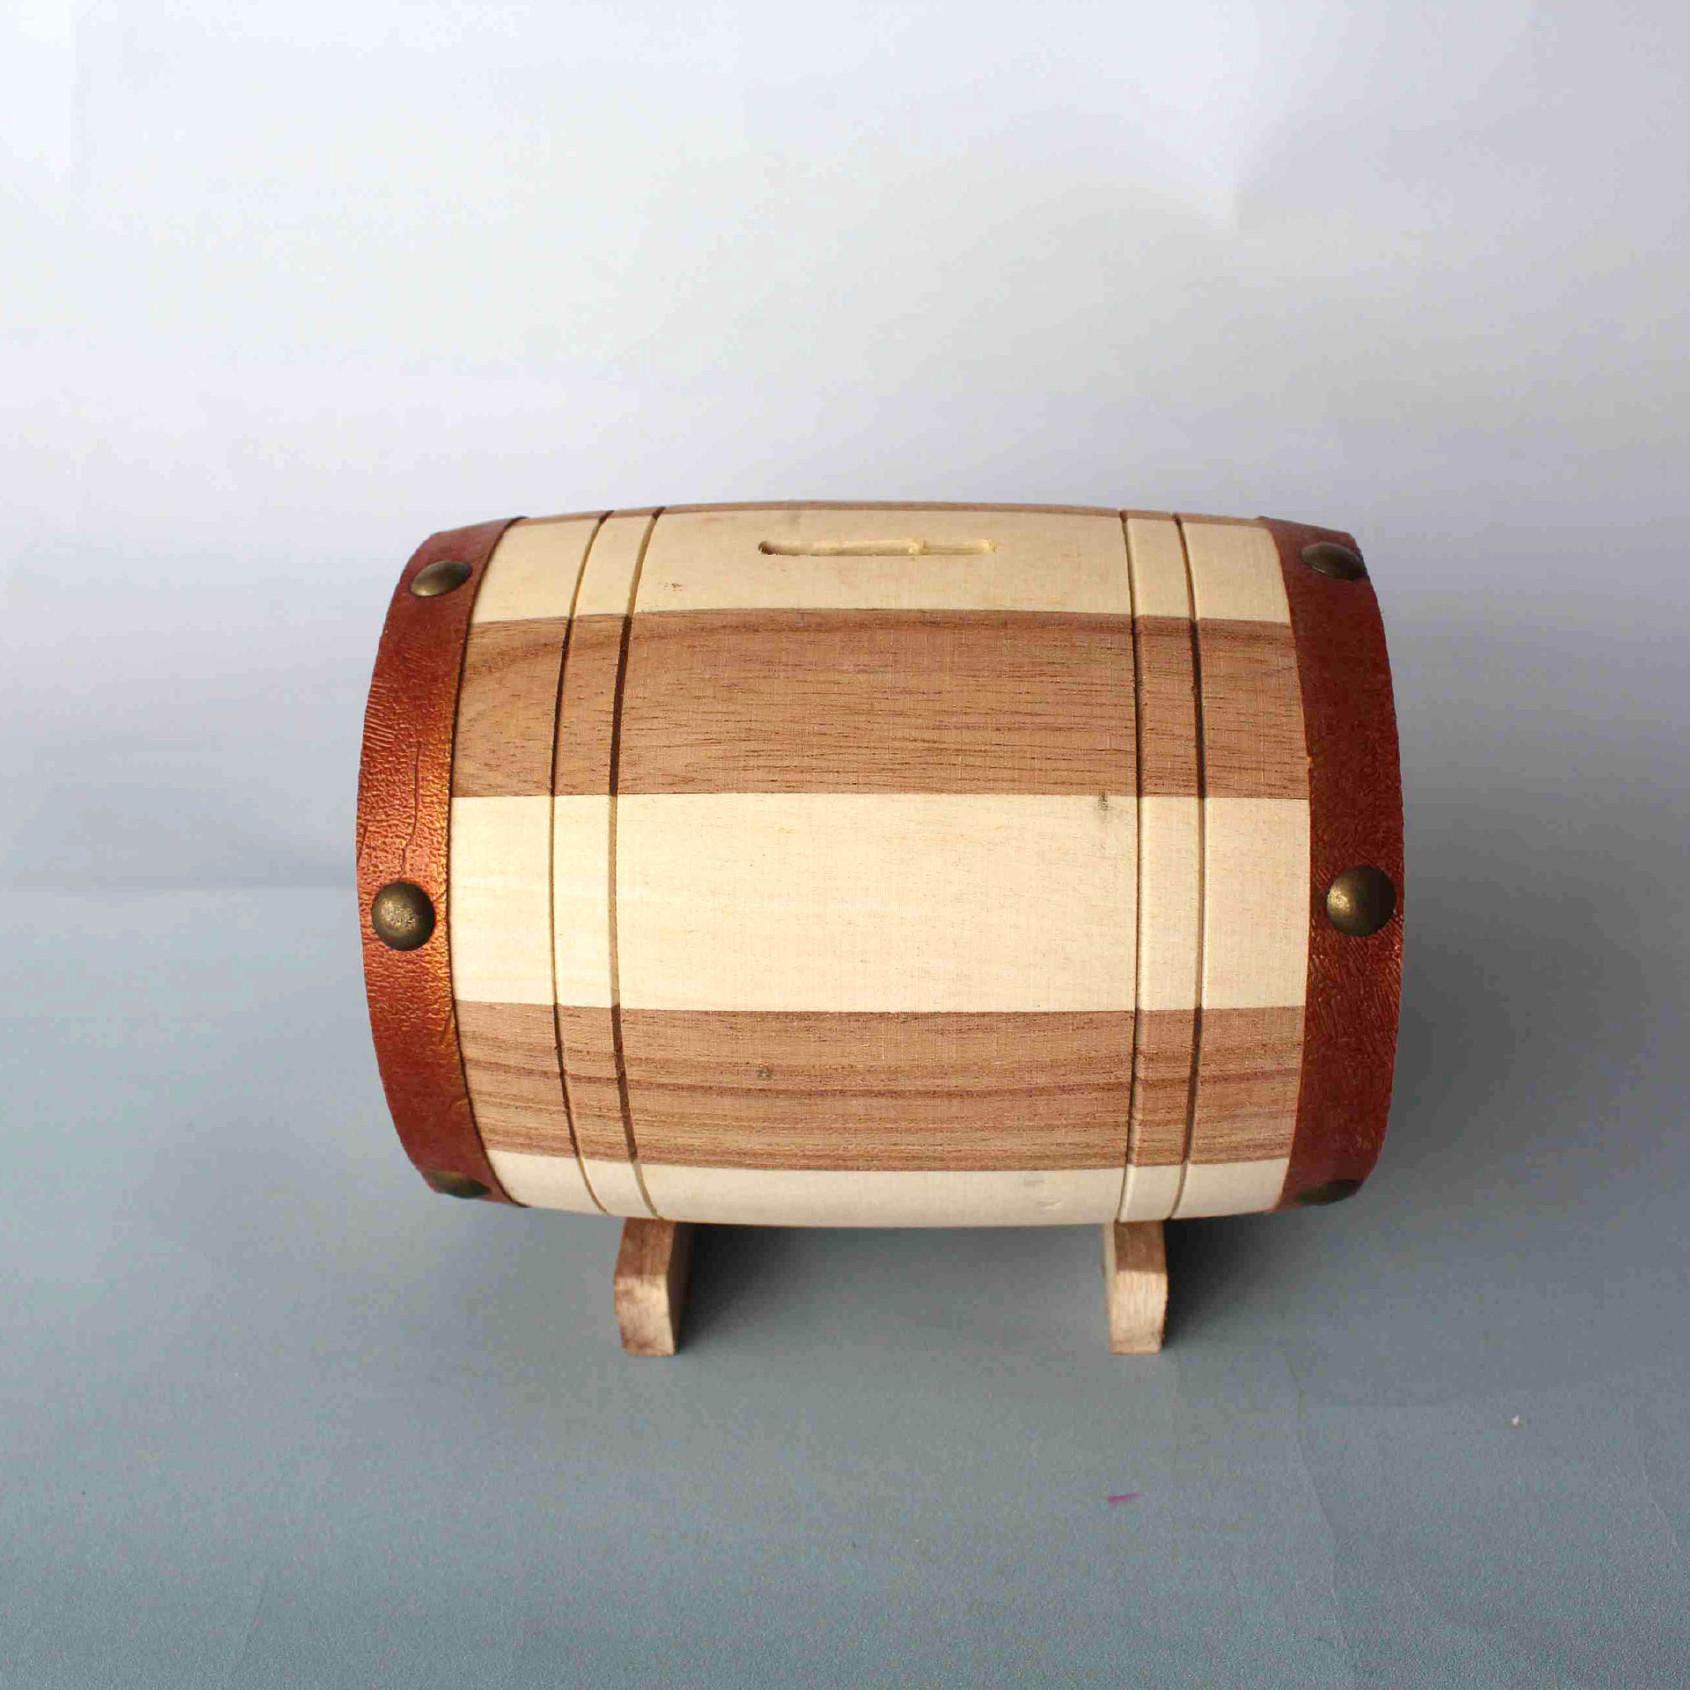 厂家批发木质存钱罐 木制工艺摆件桌面装饰零钱罐 家居饰品可定做